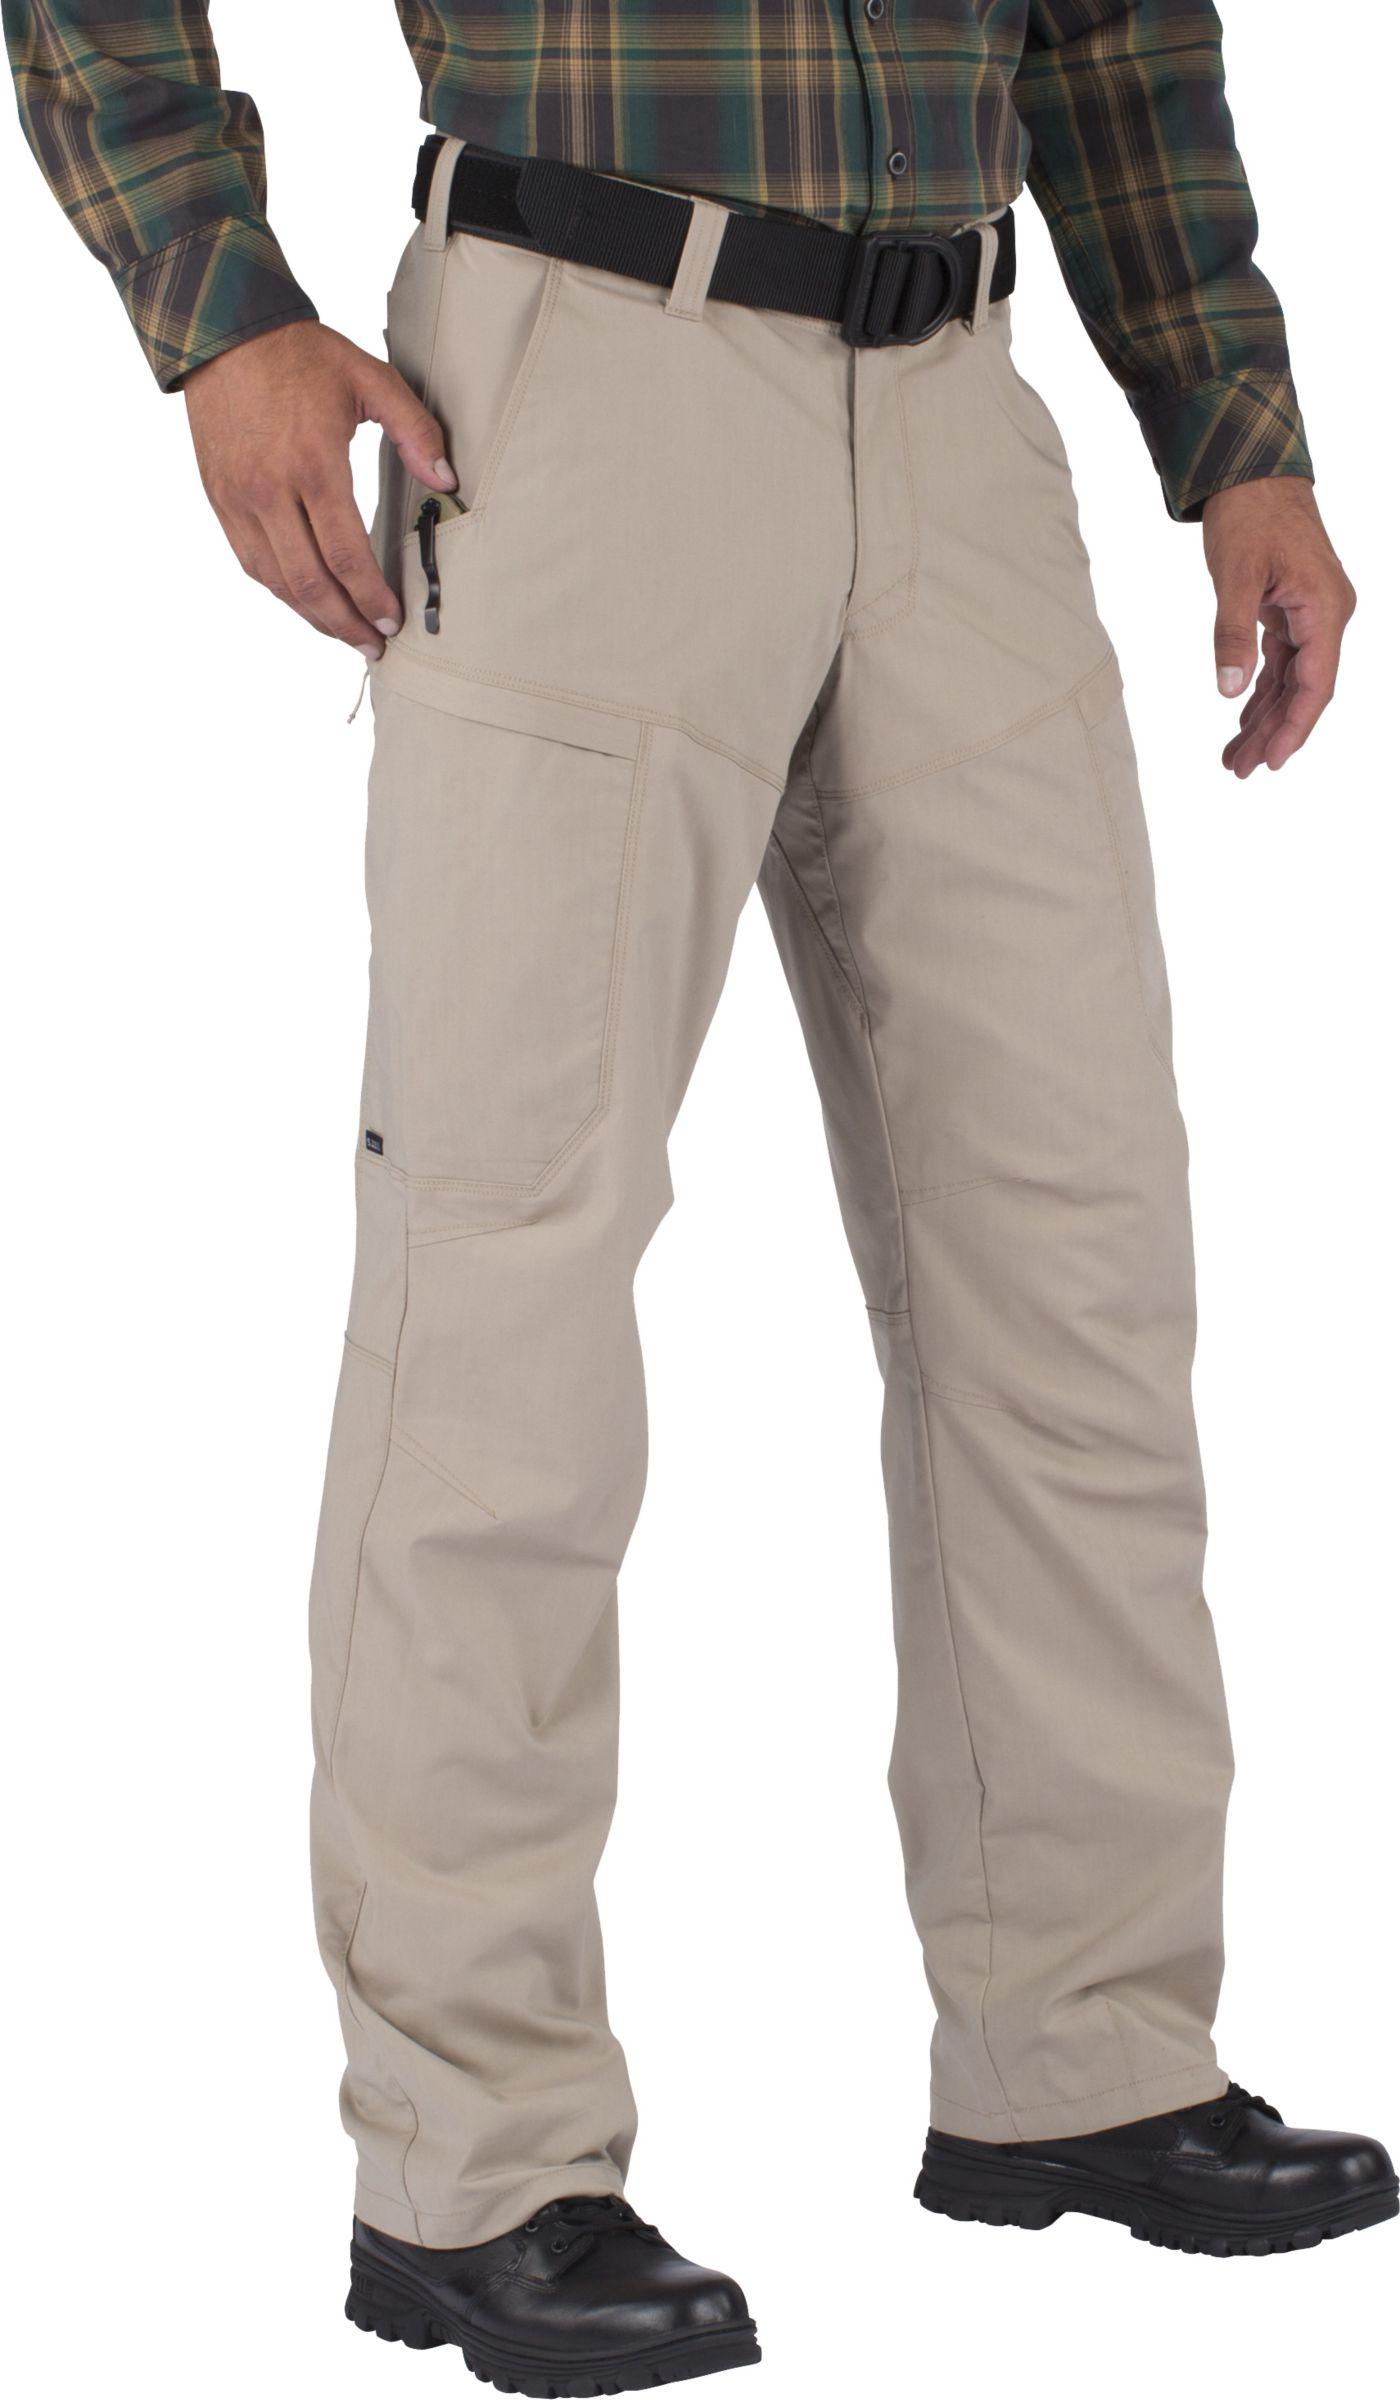 5.11 Tactical Men's Apex Pants